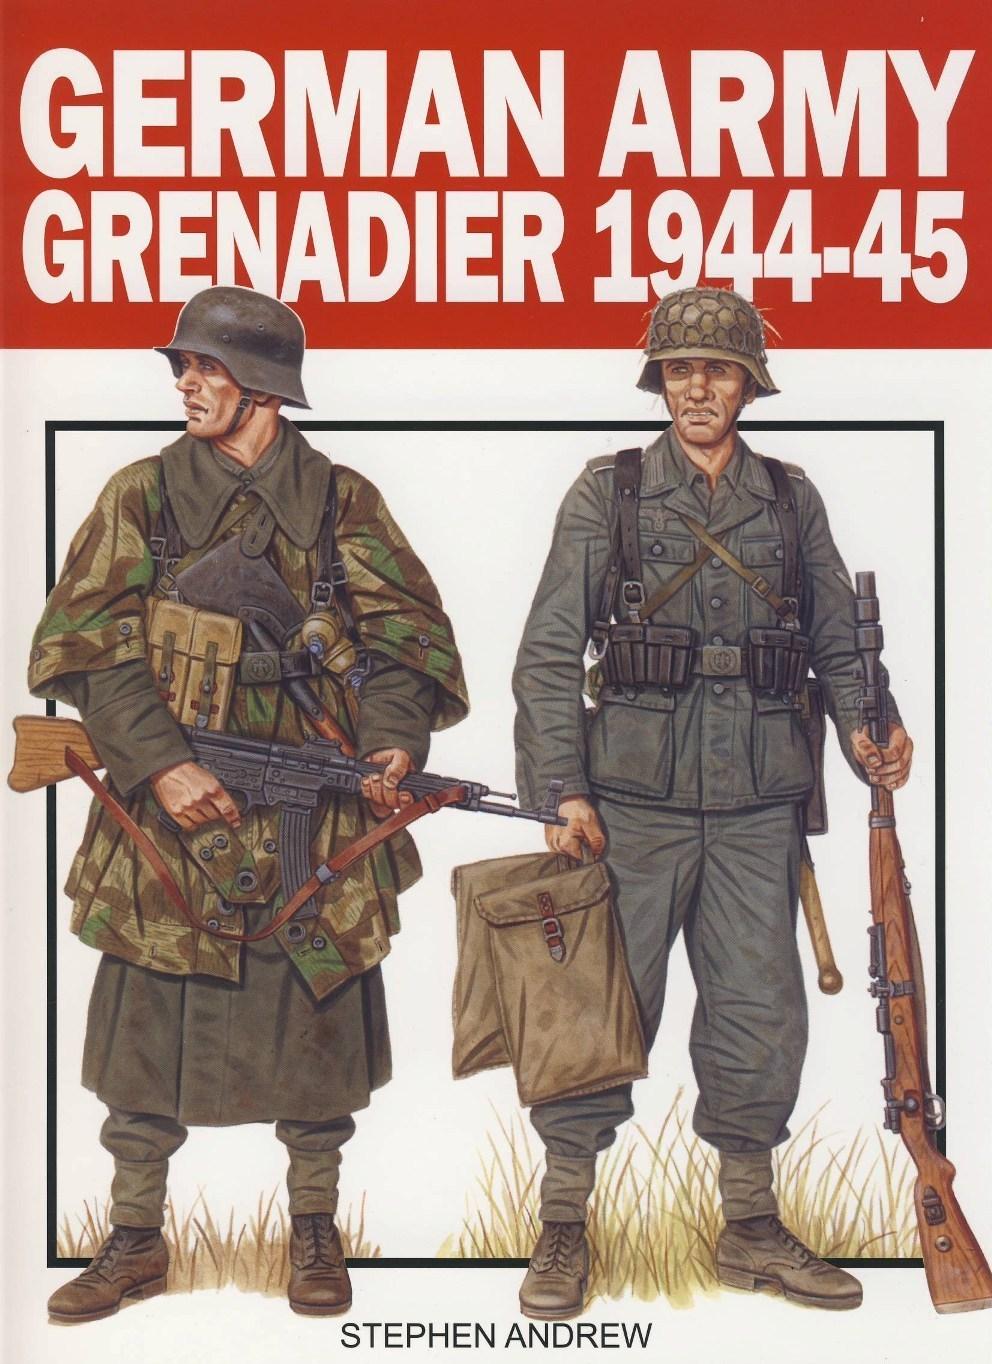 german army grenadier 1944-45 (1).JPG